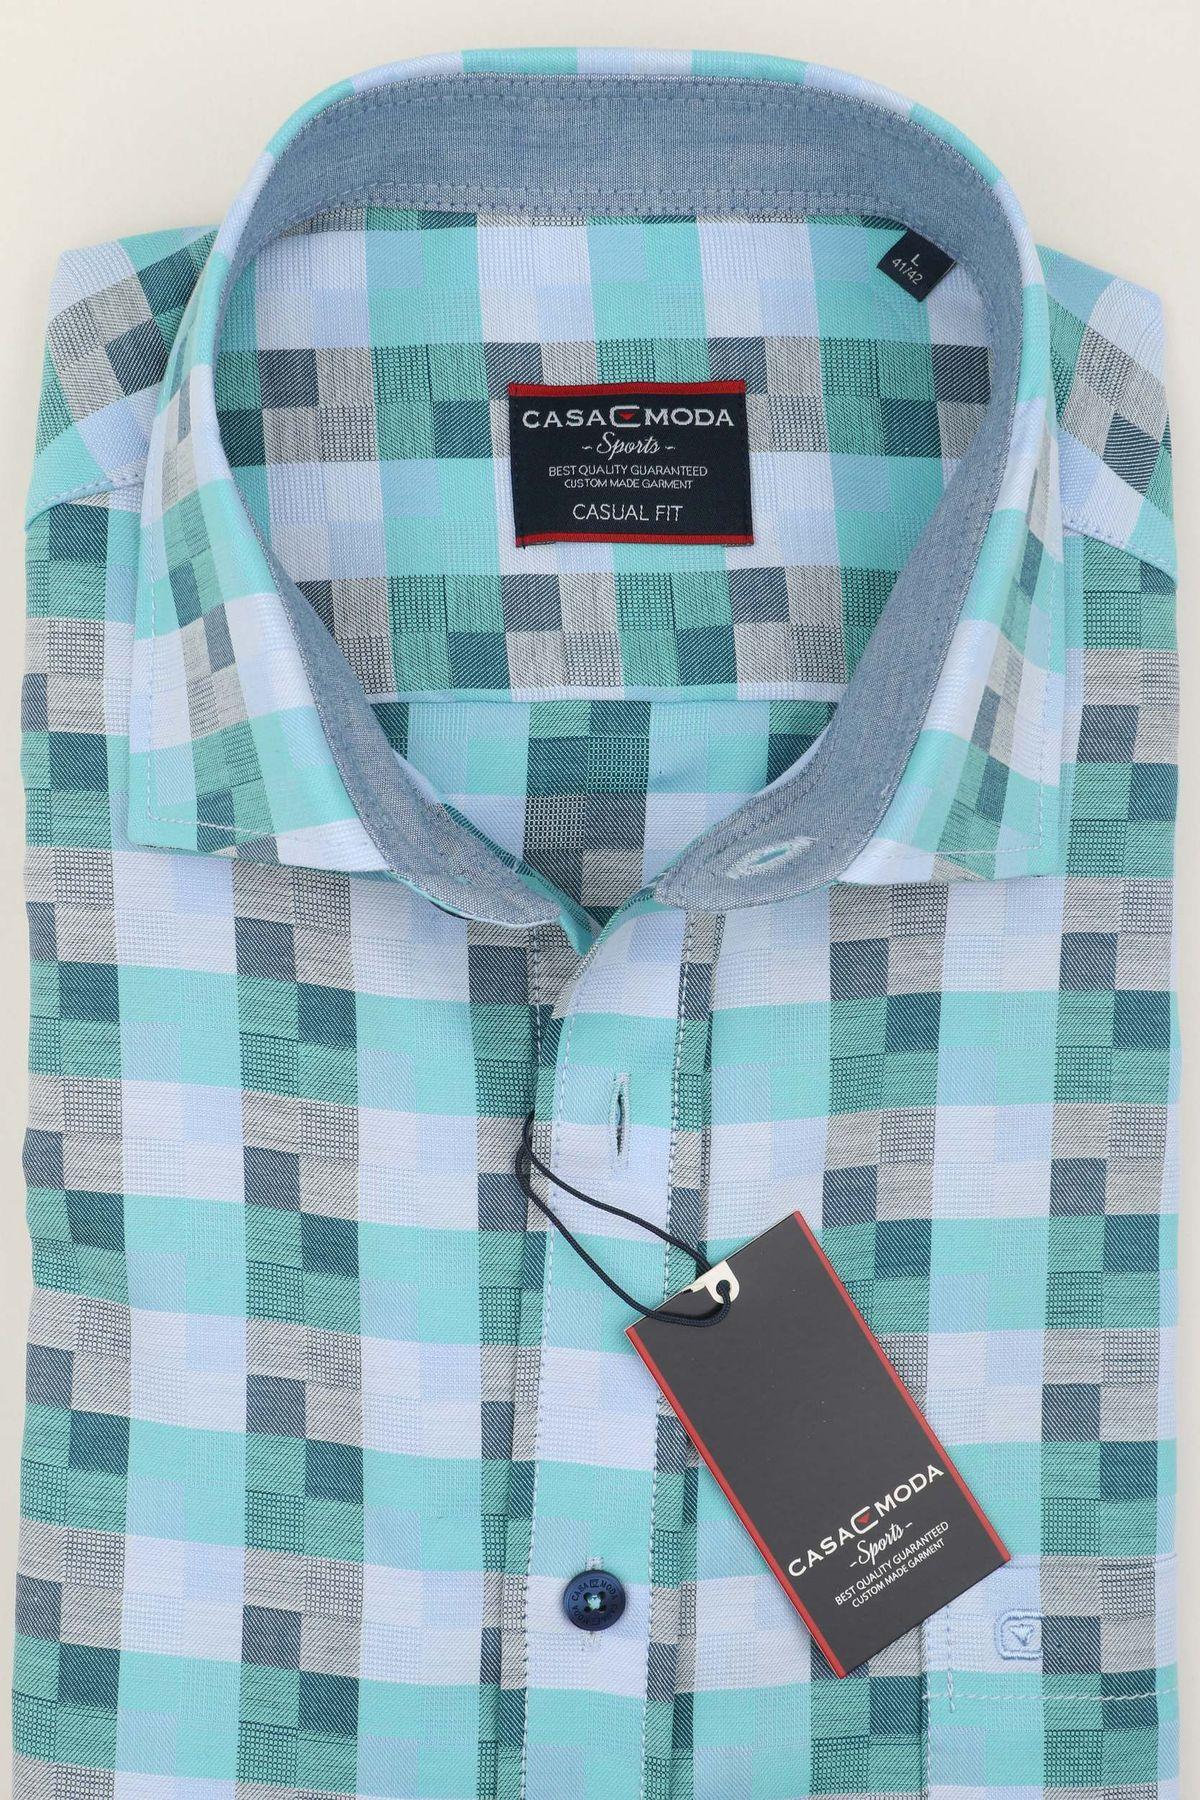 Casa Moda - Casual Fit - Herren Freizeit 1/2-Arm-Hemd mit Muster in blau (983074600) – Bild 2